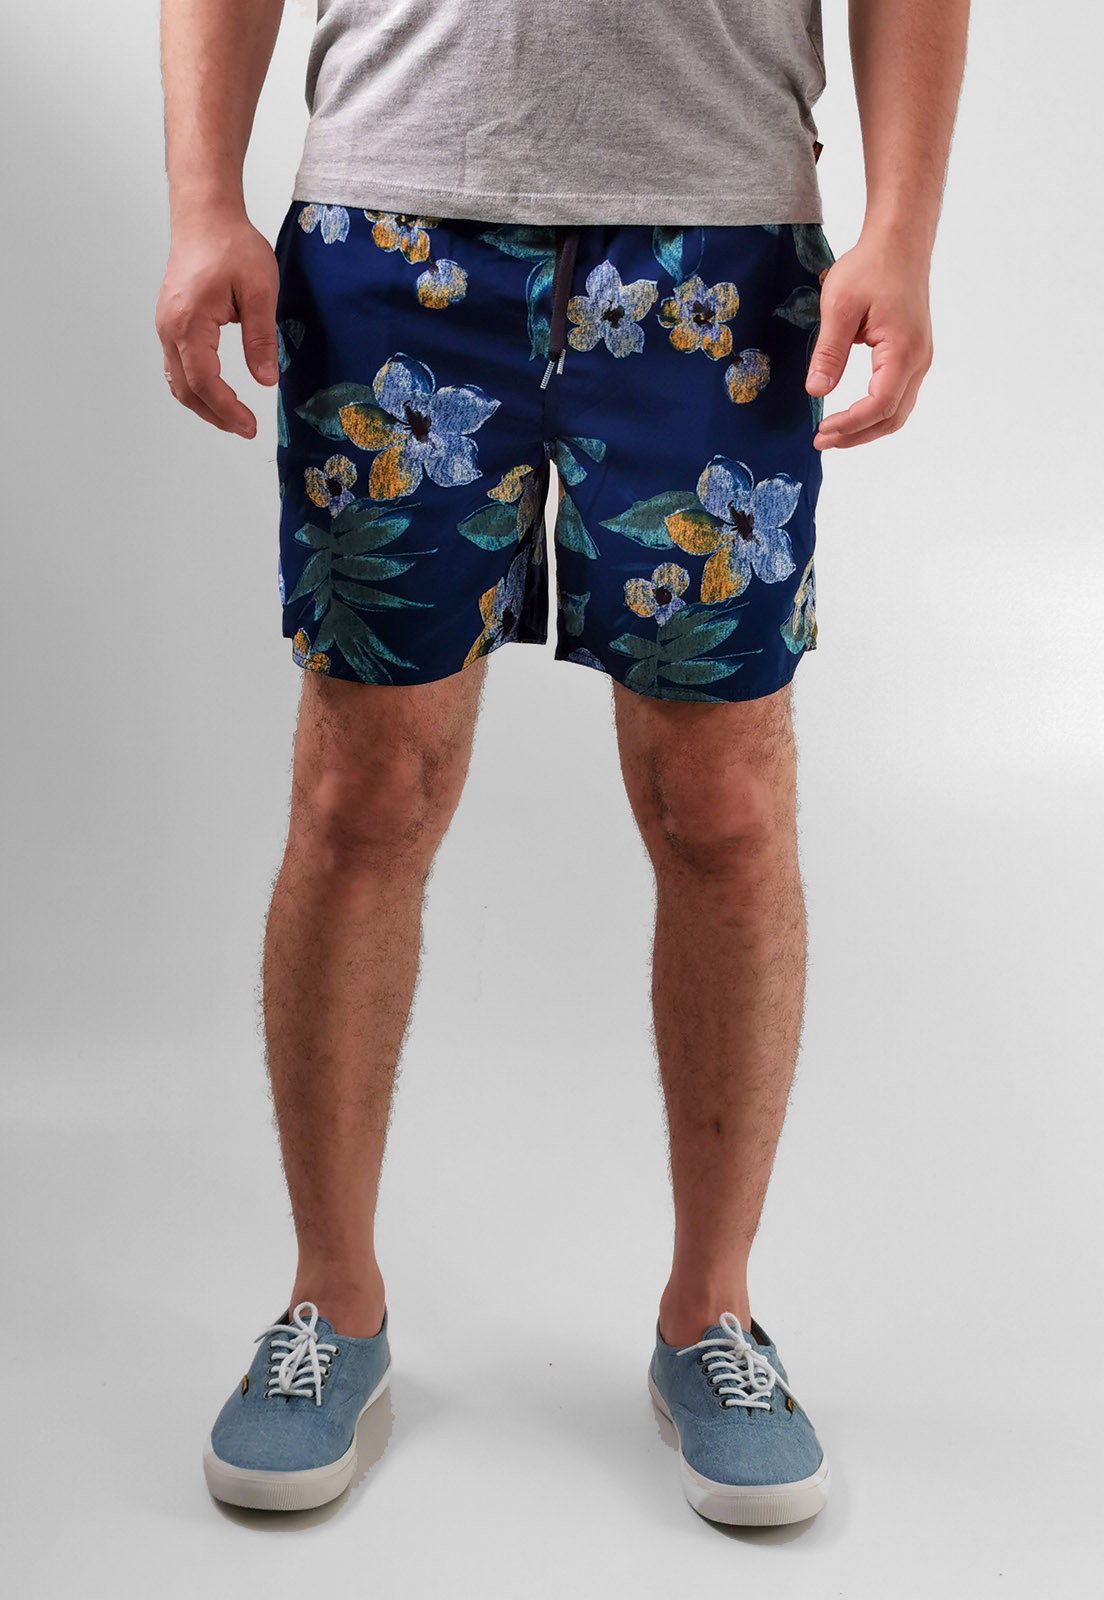 Shorts Bermuda Aéropostale Azul Marinho Flores